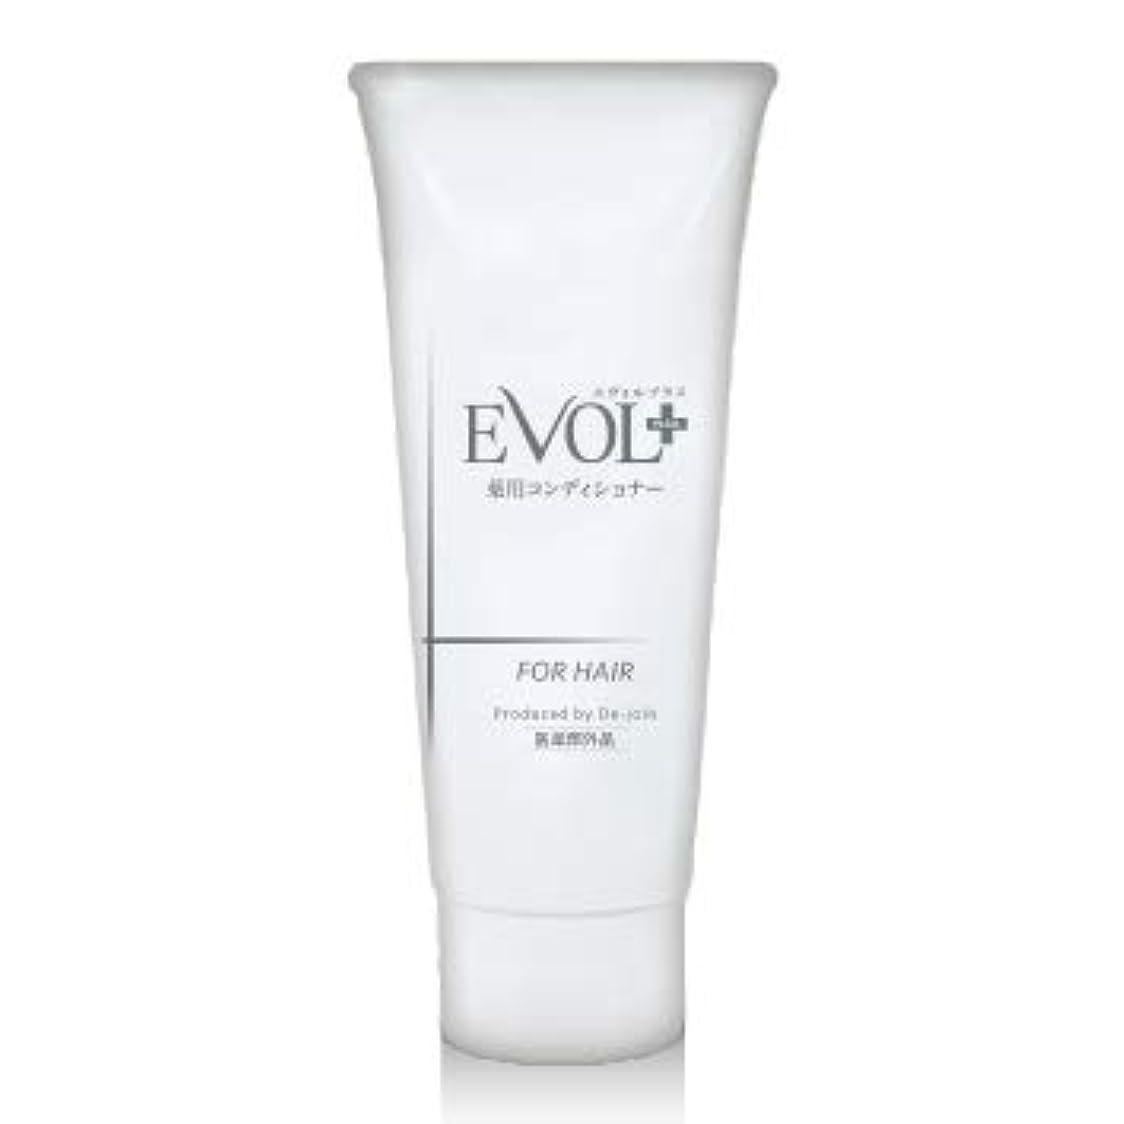 憤るカテゴリー人形EVOL+(エヴォルプラス)薬用育毛コンディショナー お得なコース